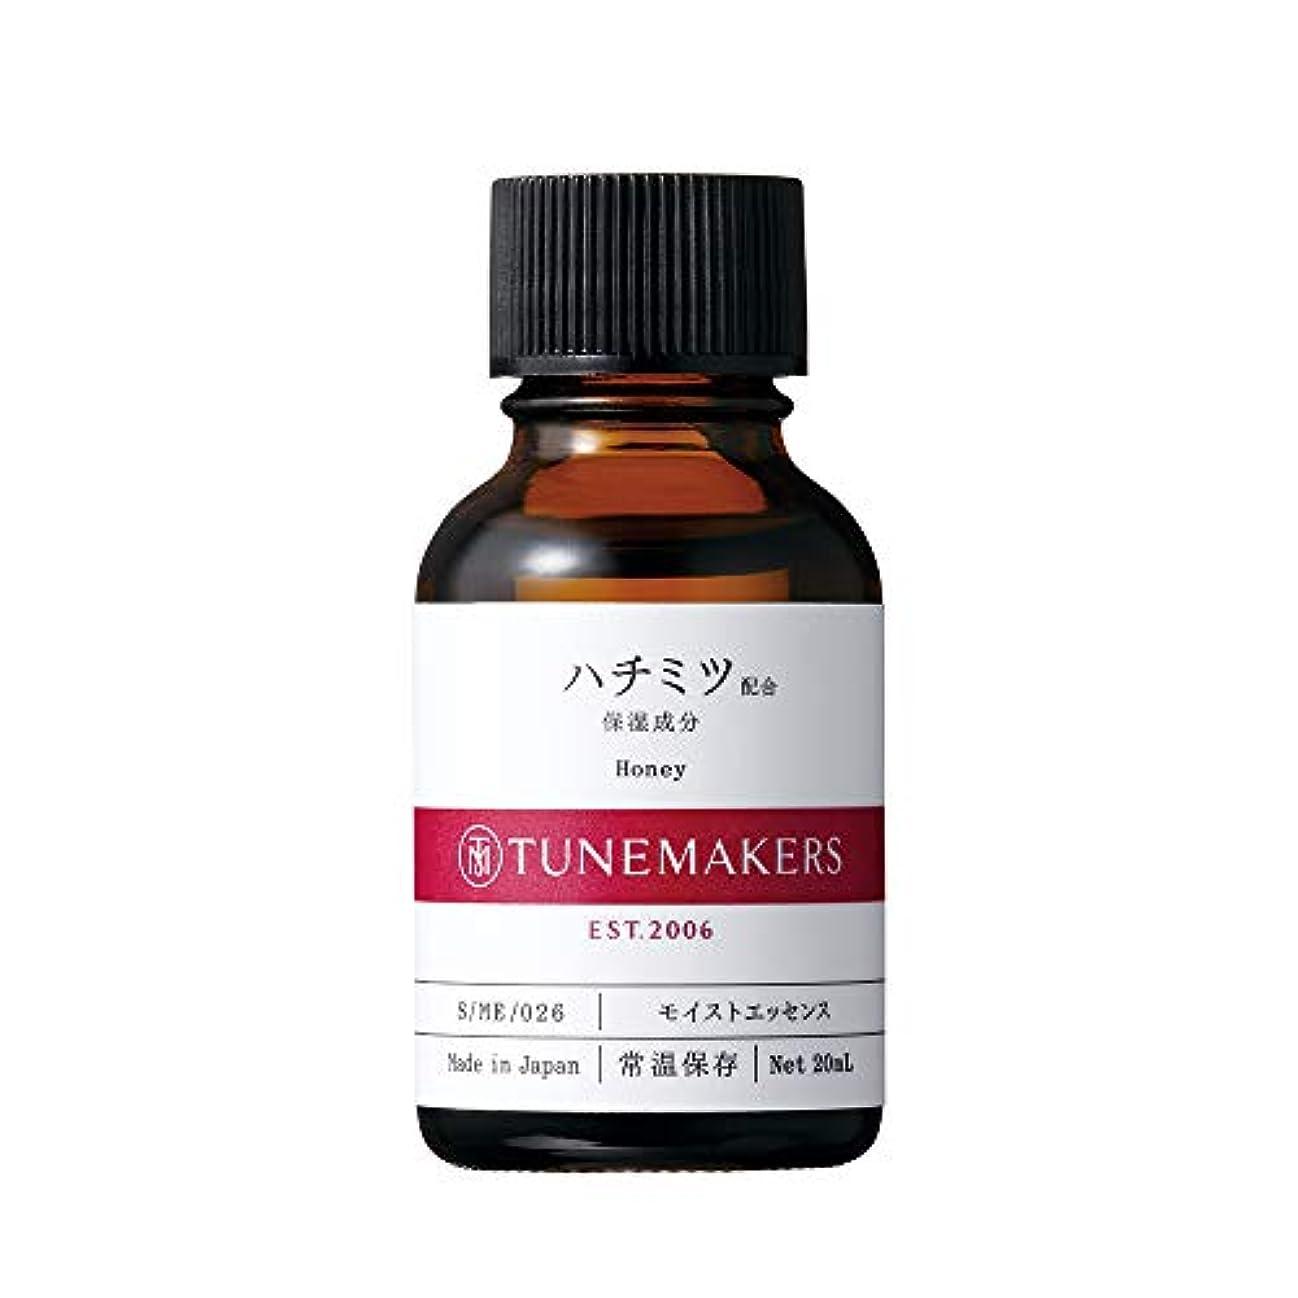 ひねりクレーター同性愛者TUNEMAKERS(チューンメーカーズ) ハチミツ 美容液 20ml